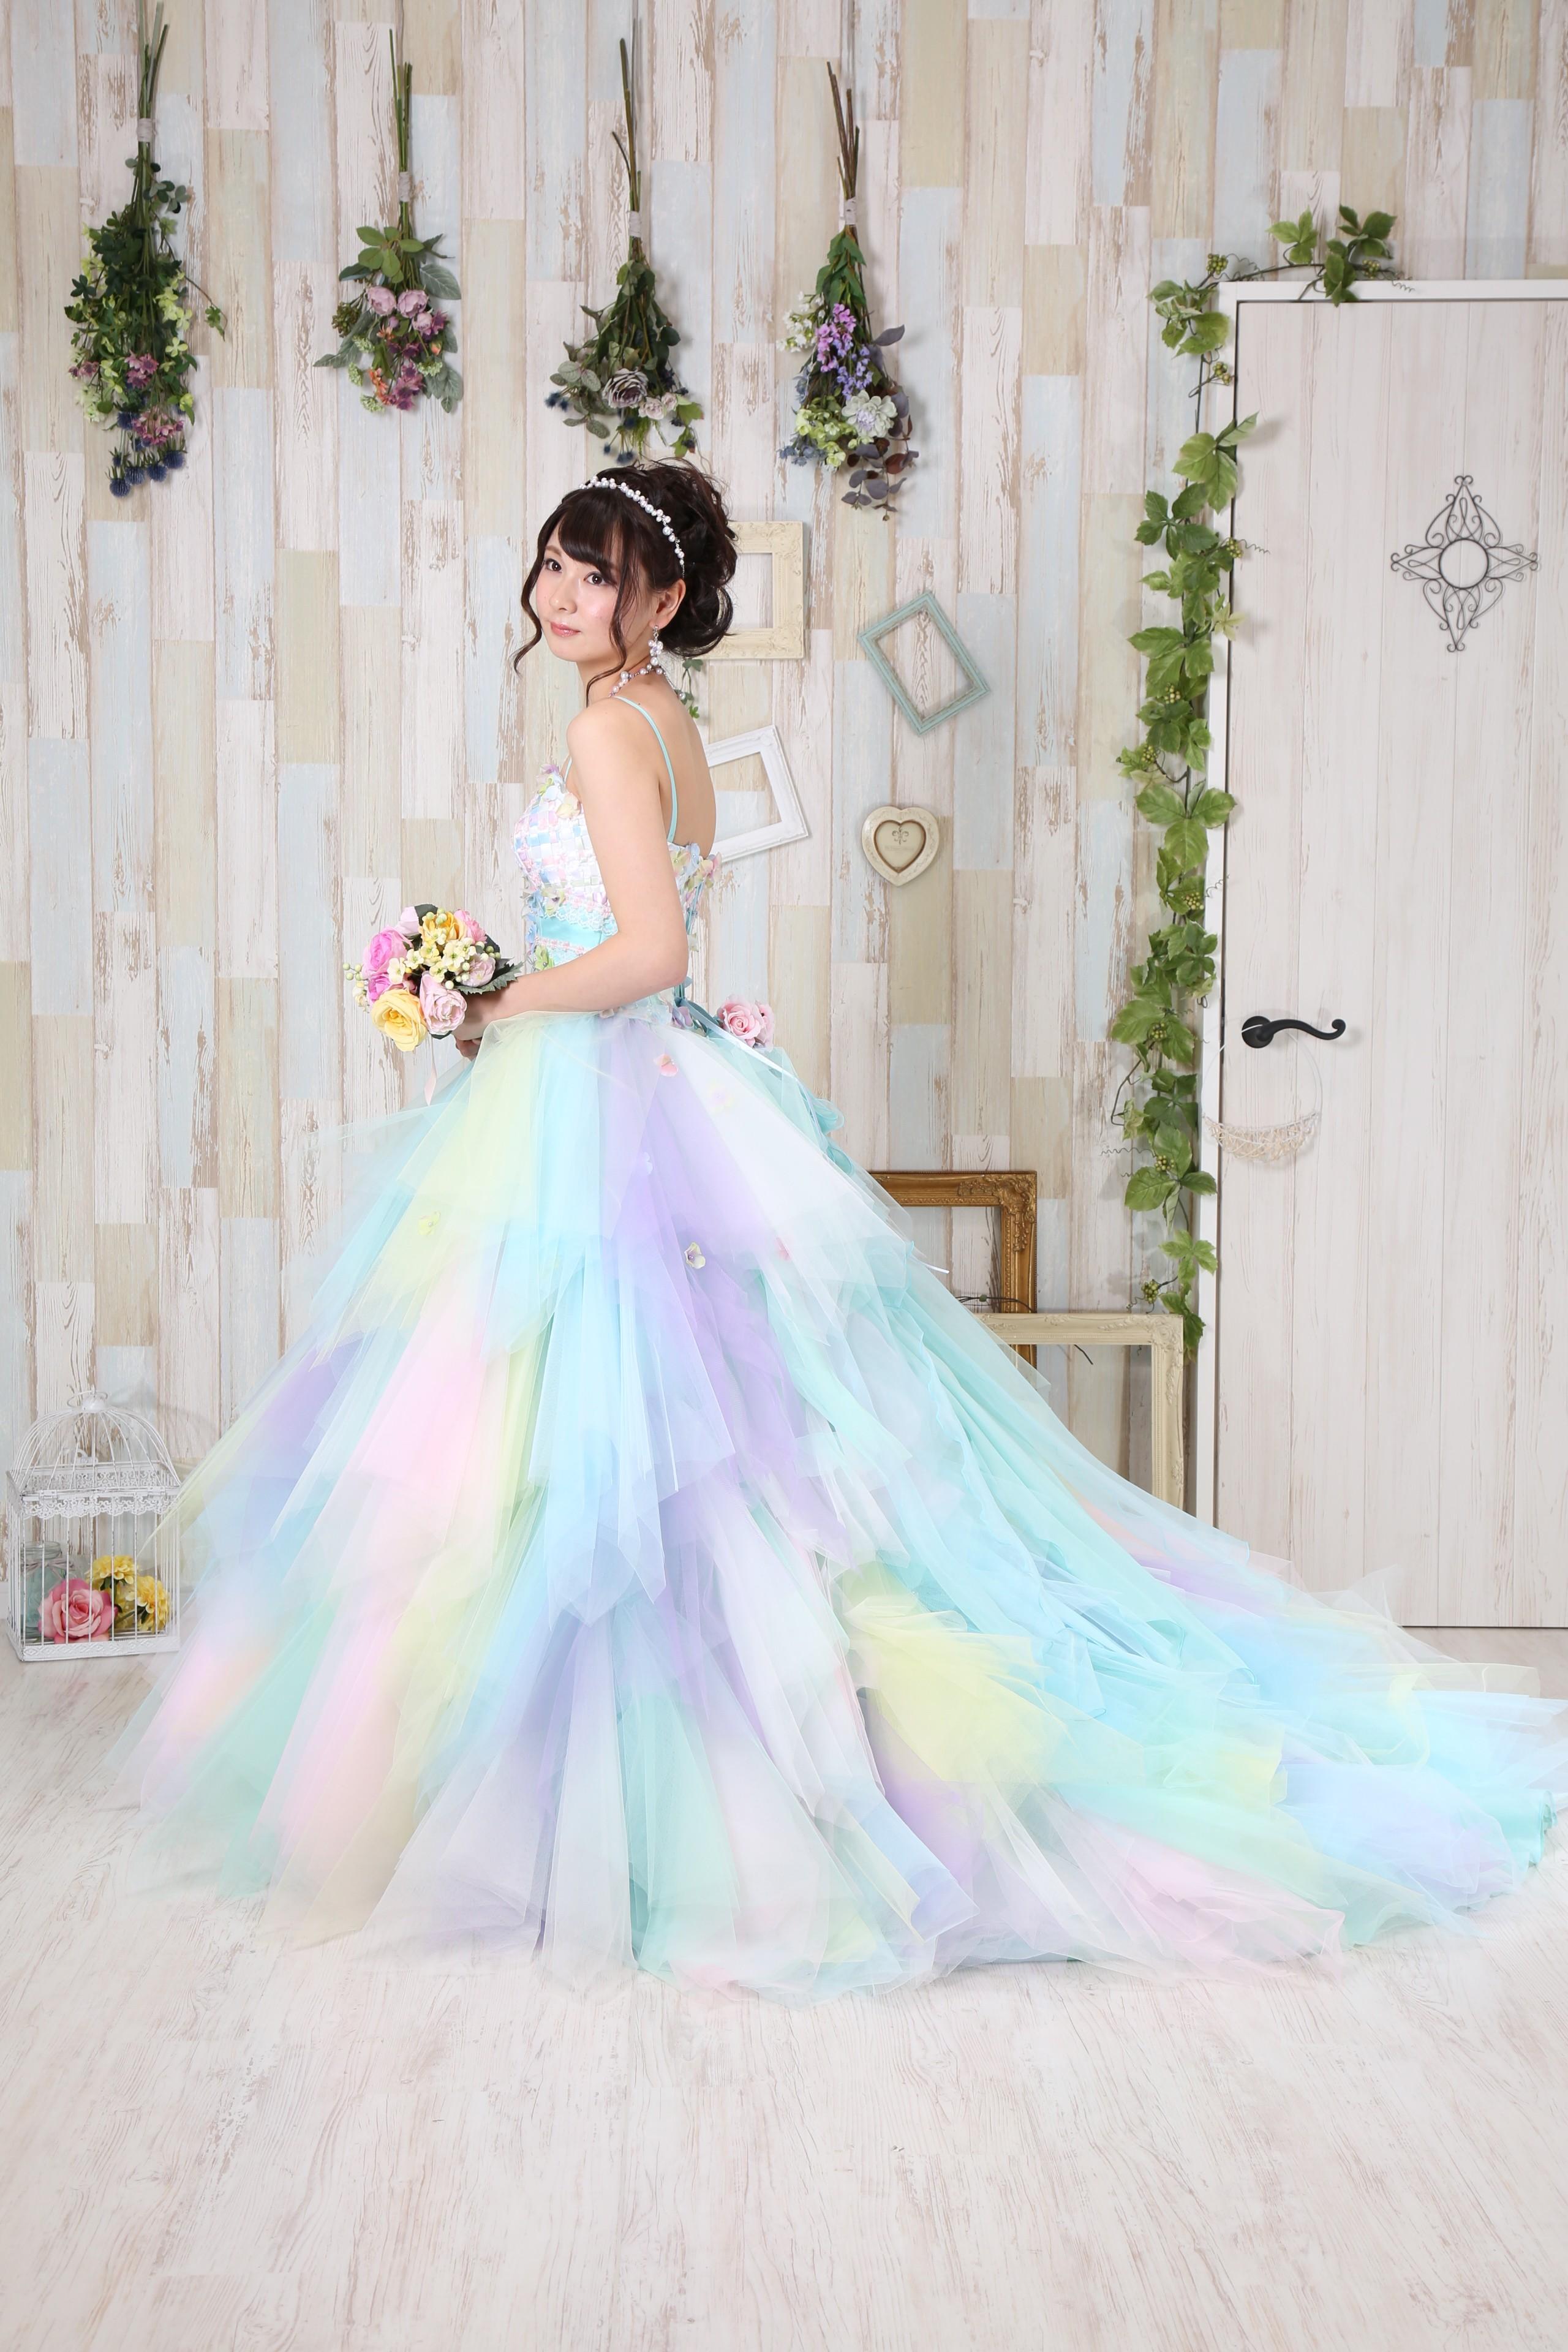 ★20180211 ドレス衣装撮影_158